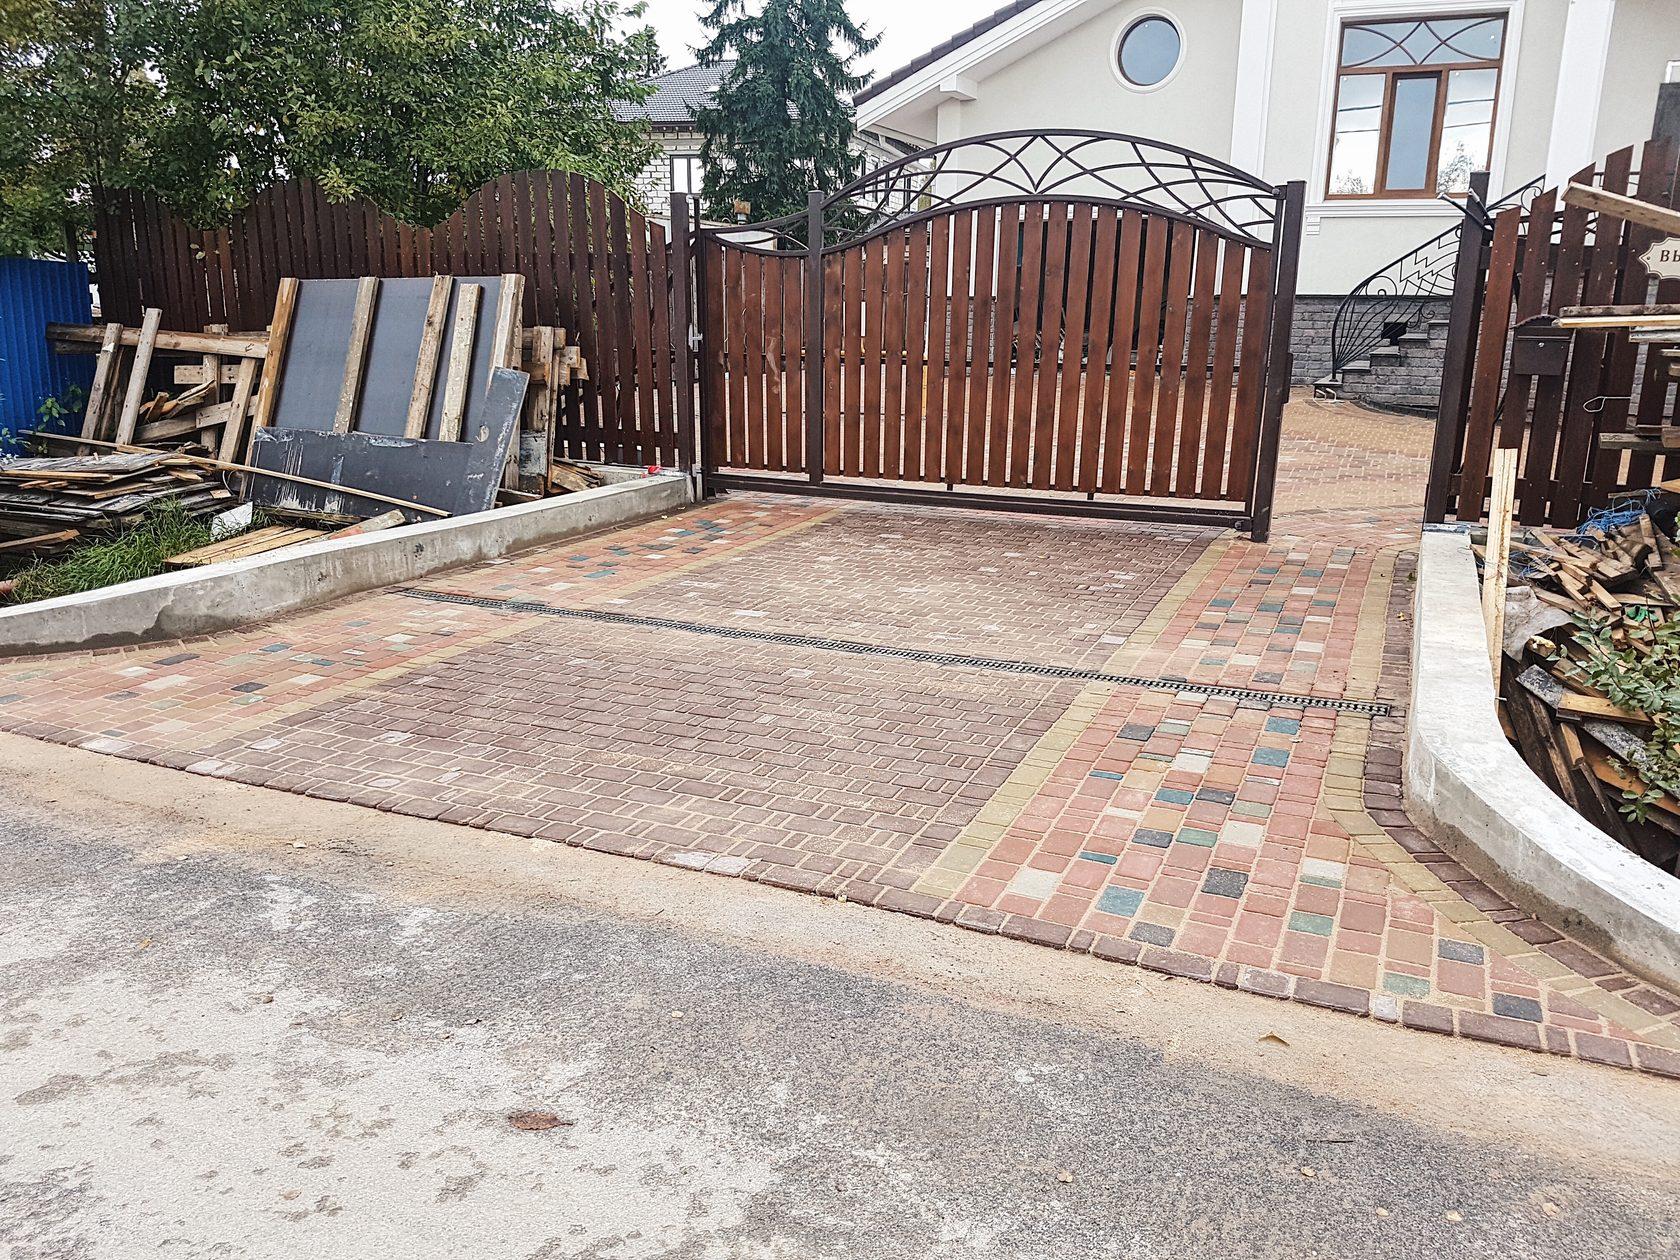 укладка брусчатки перед воротами фото деревянного дома